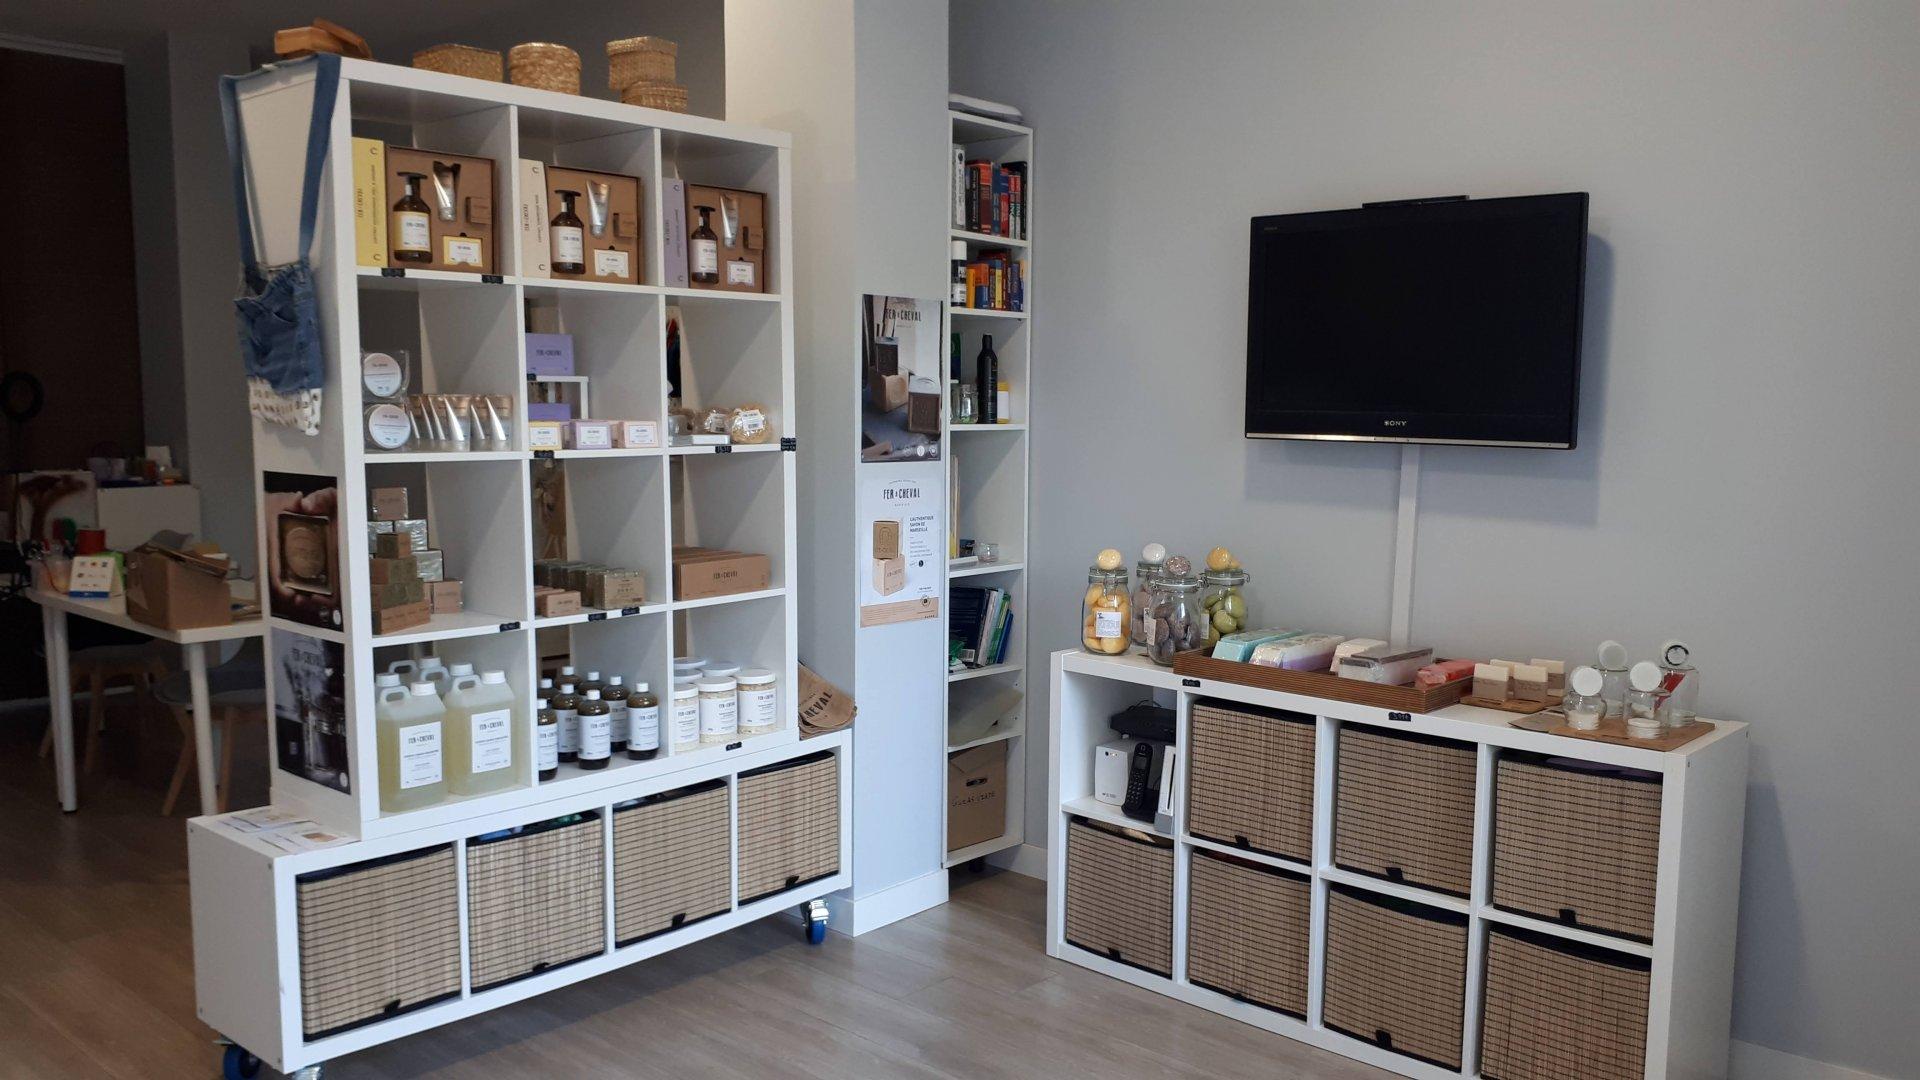 Productos de Marsella y Artesanales